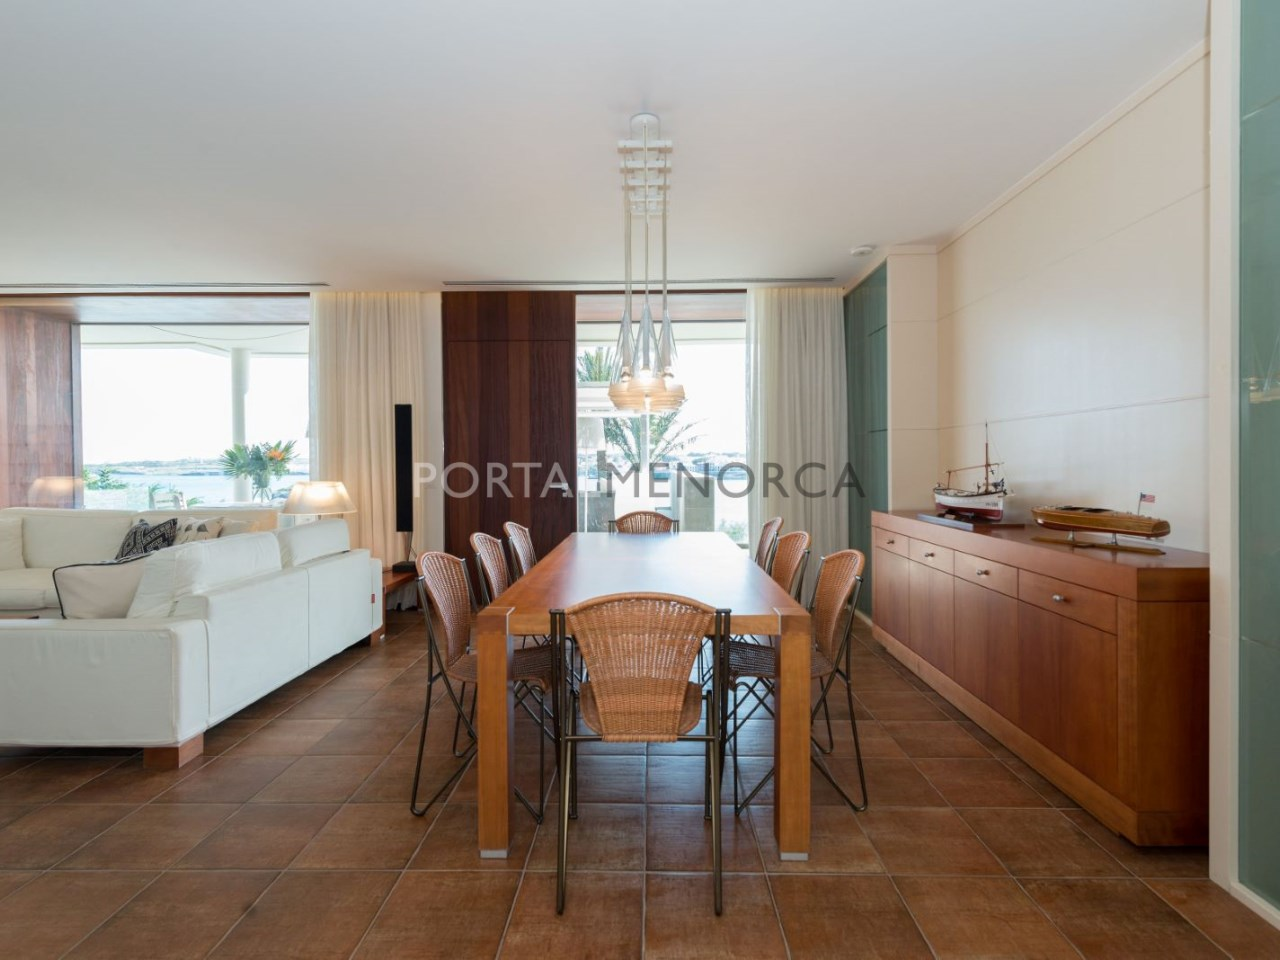 acheter-maison-luxe-menorca (9)